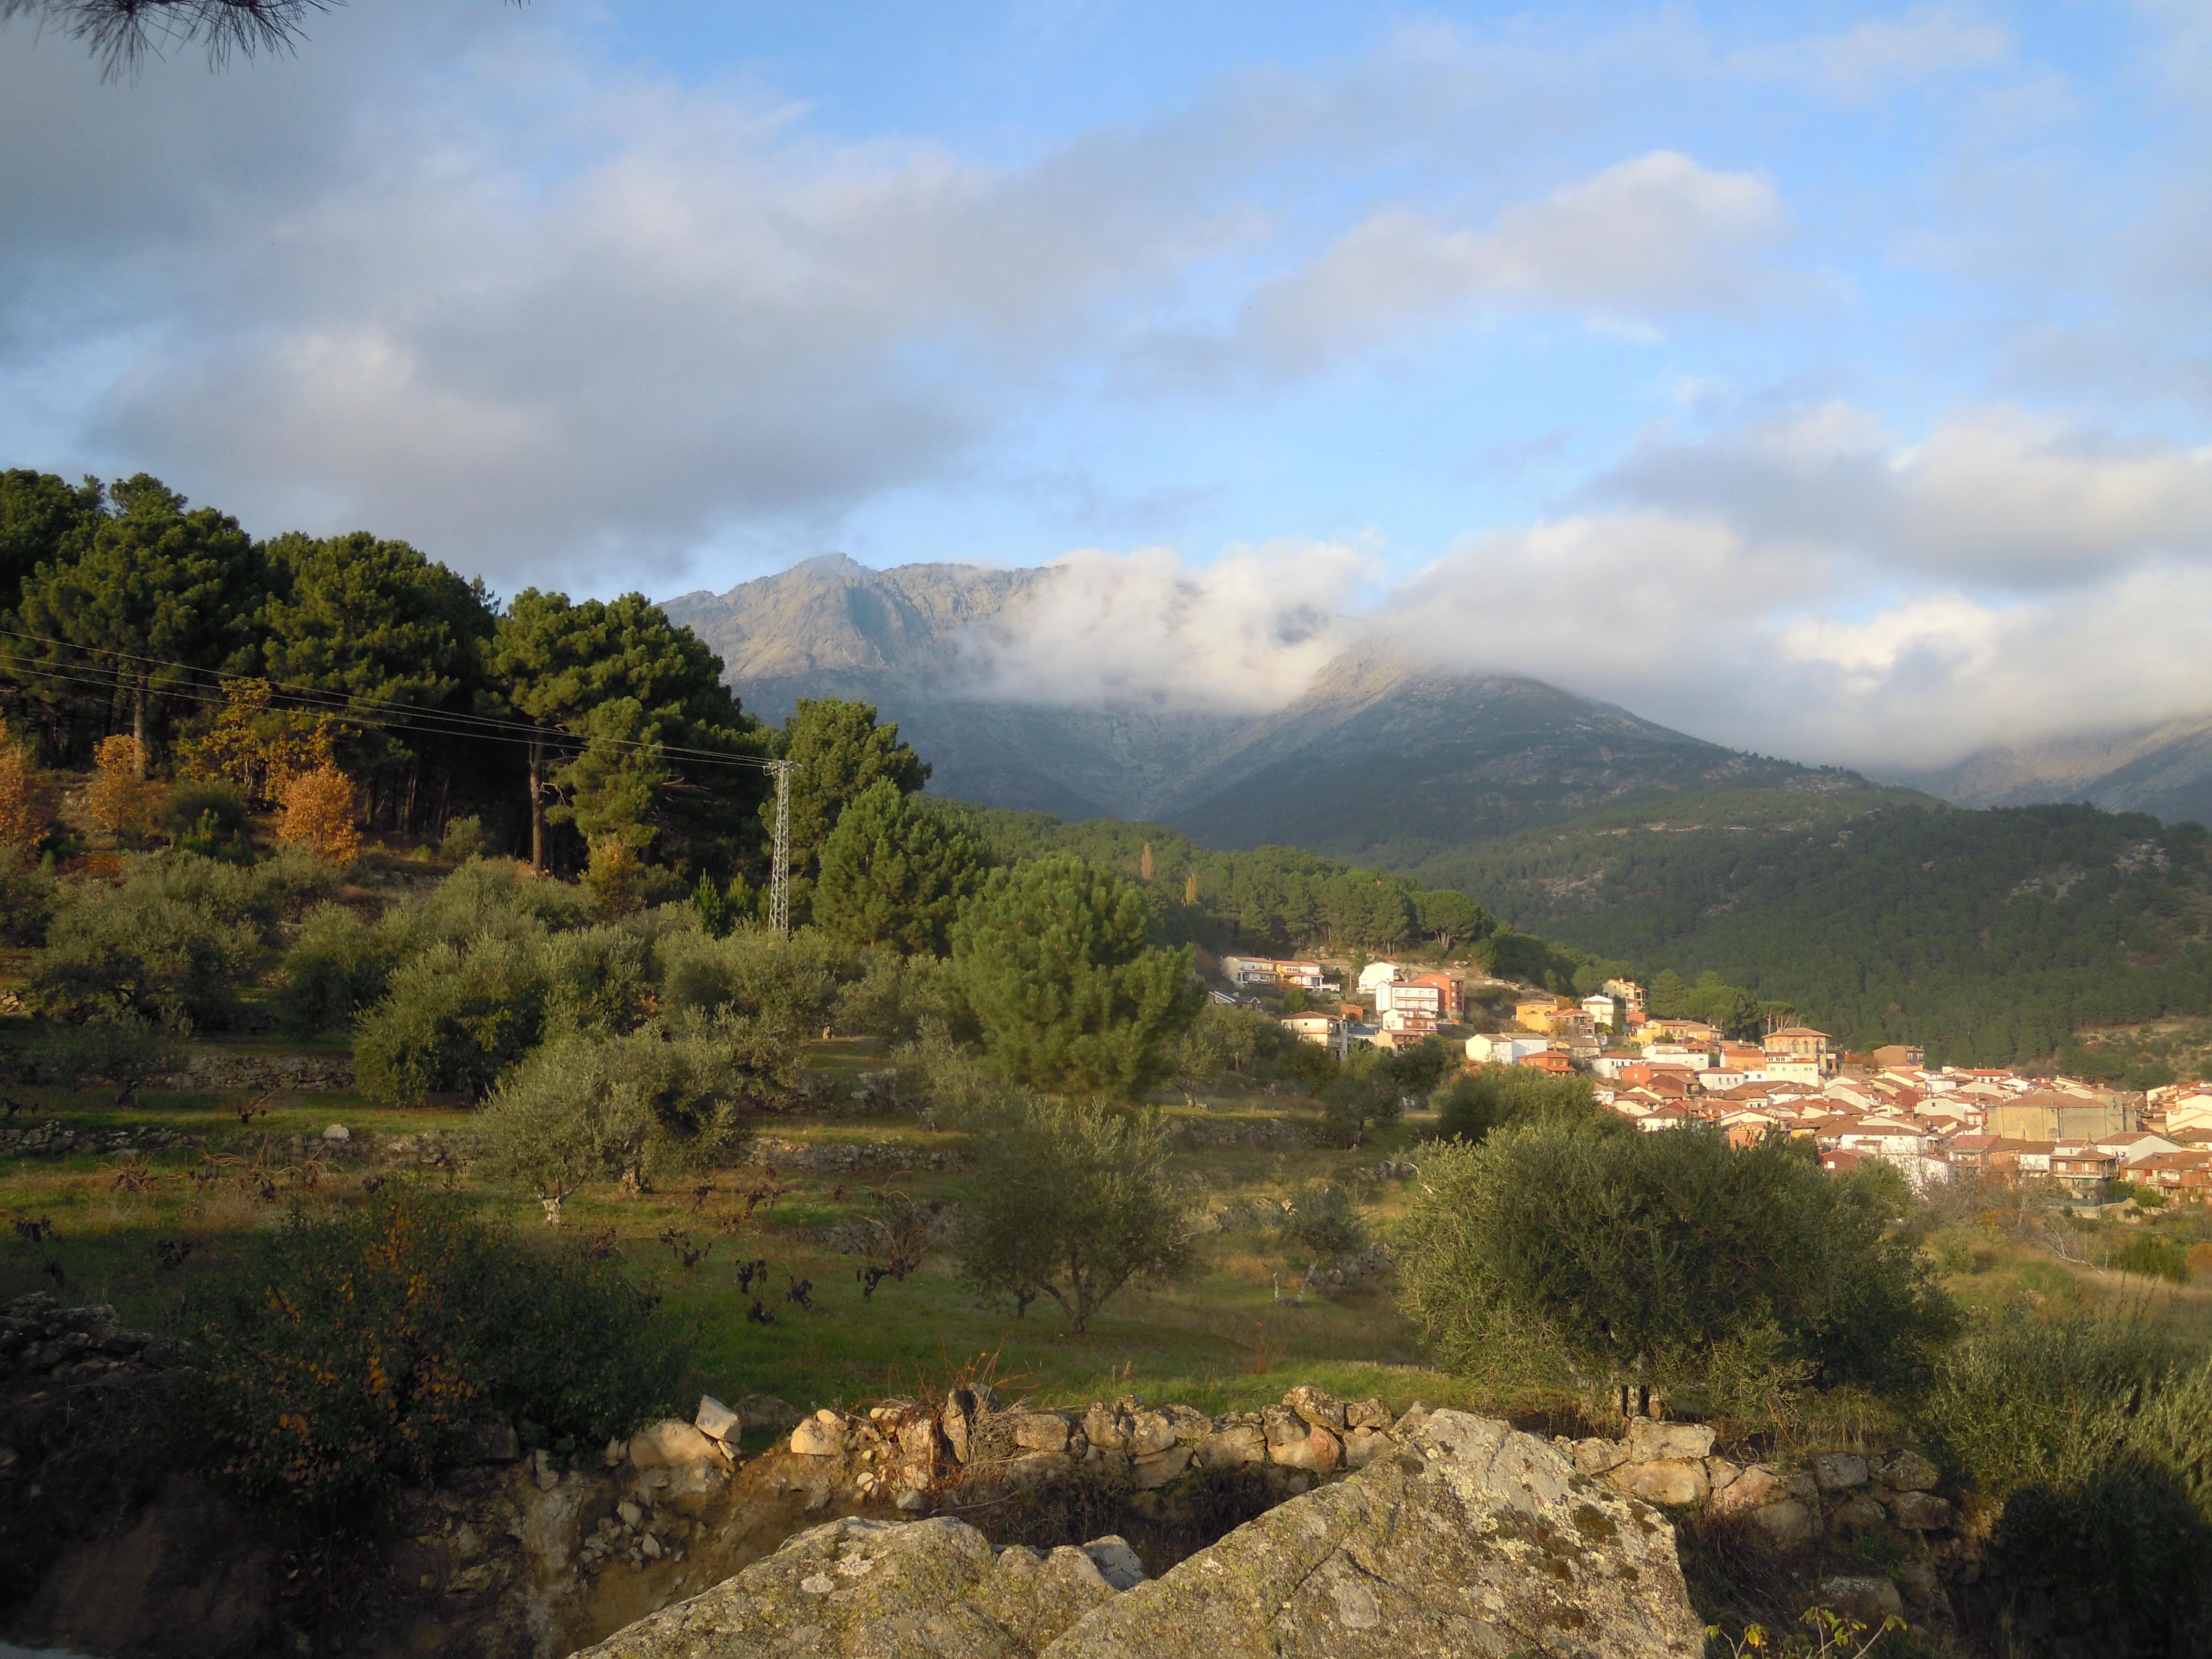 El Paisaje: Esencia de los nuevos destinos turísticos | Comunidad ISM